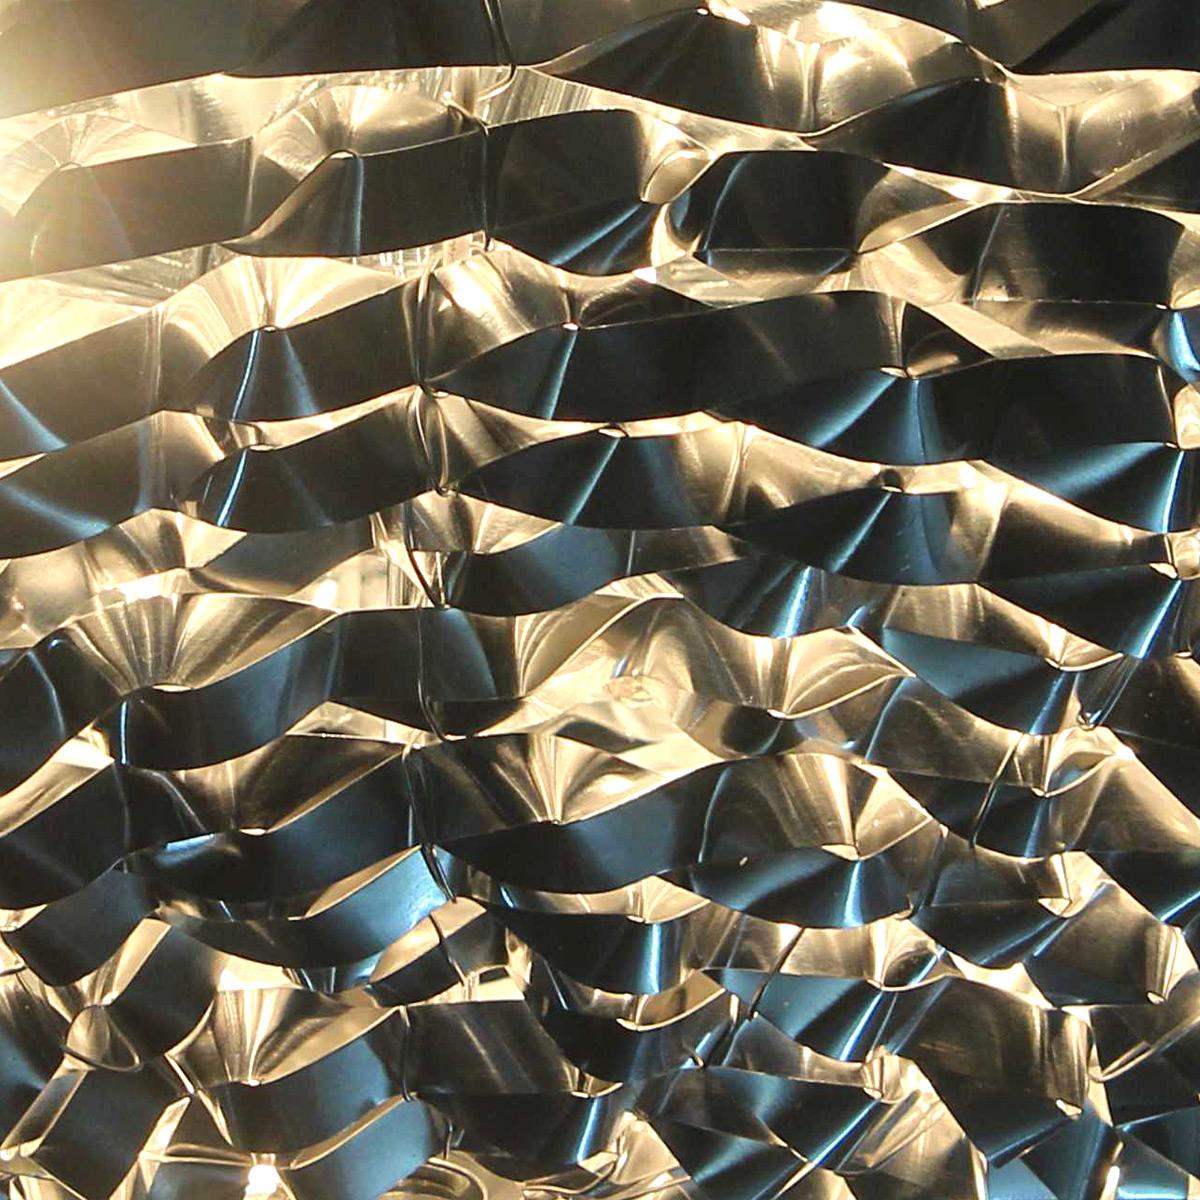 Wohnzimmer Lampe Oval Deckenleuchte Deckenlampe Leuchte Mesh Kristall Chrom